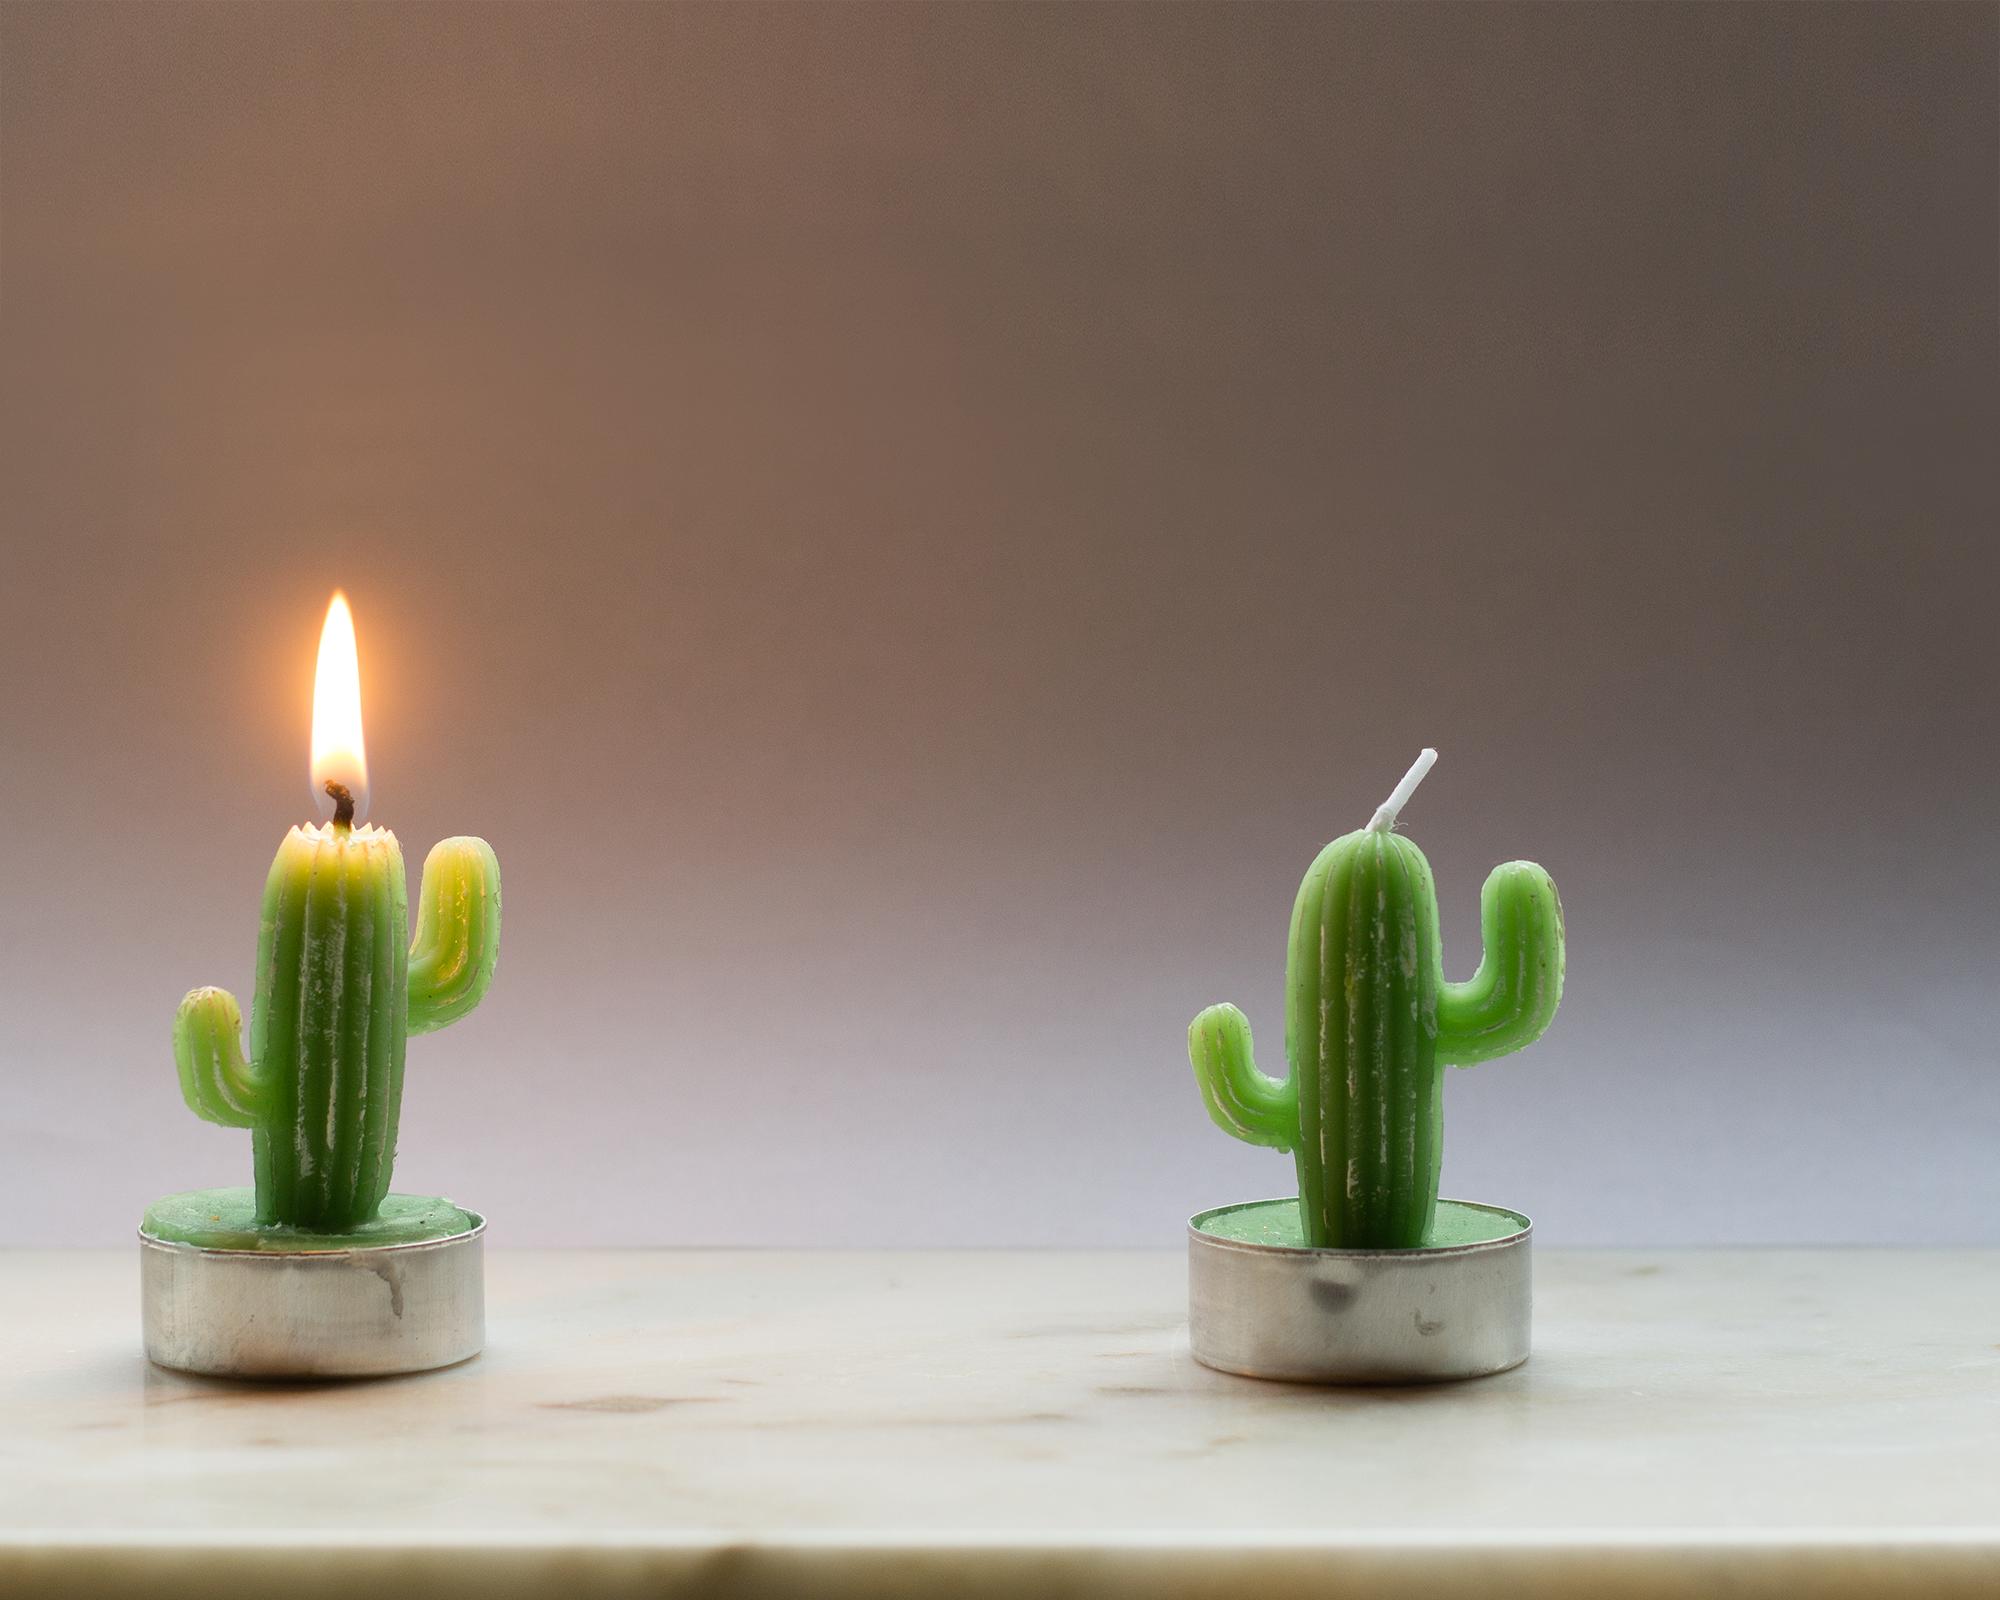 Bildmontage Kaktus Kerzen Hintergrund